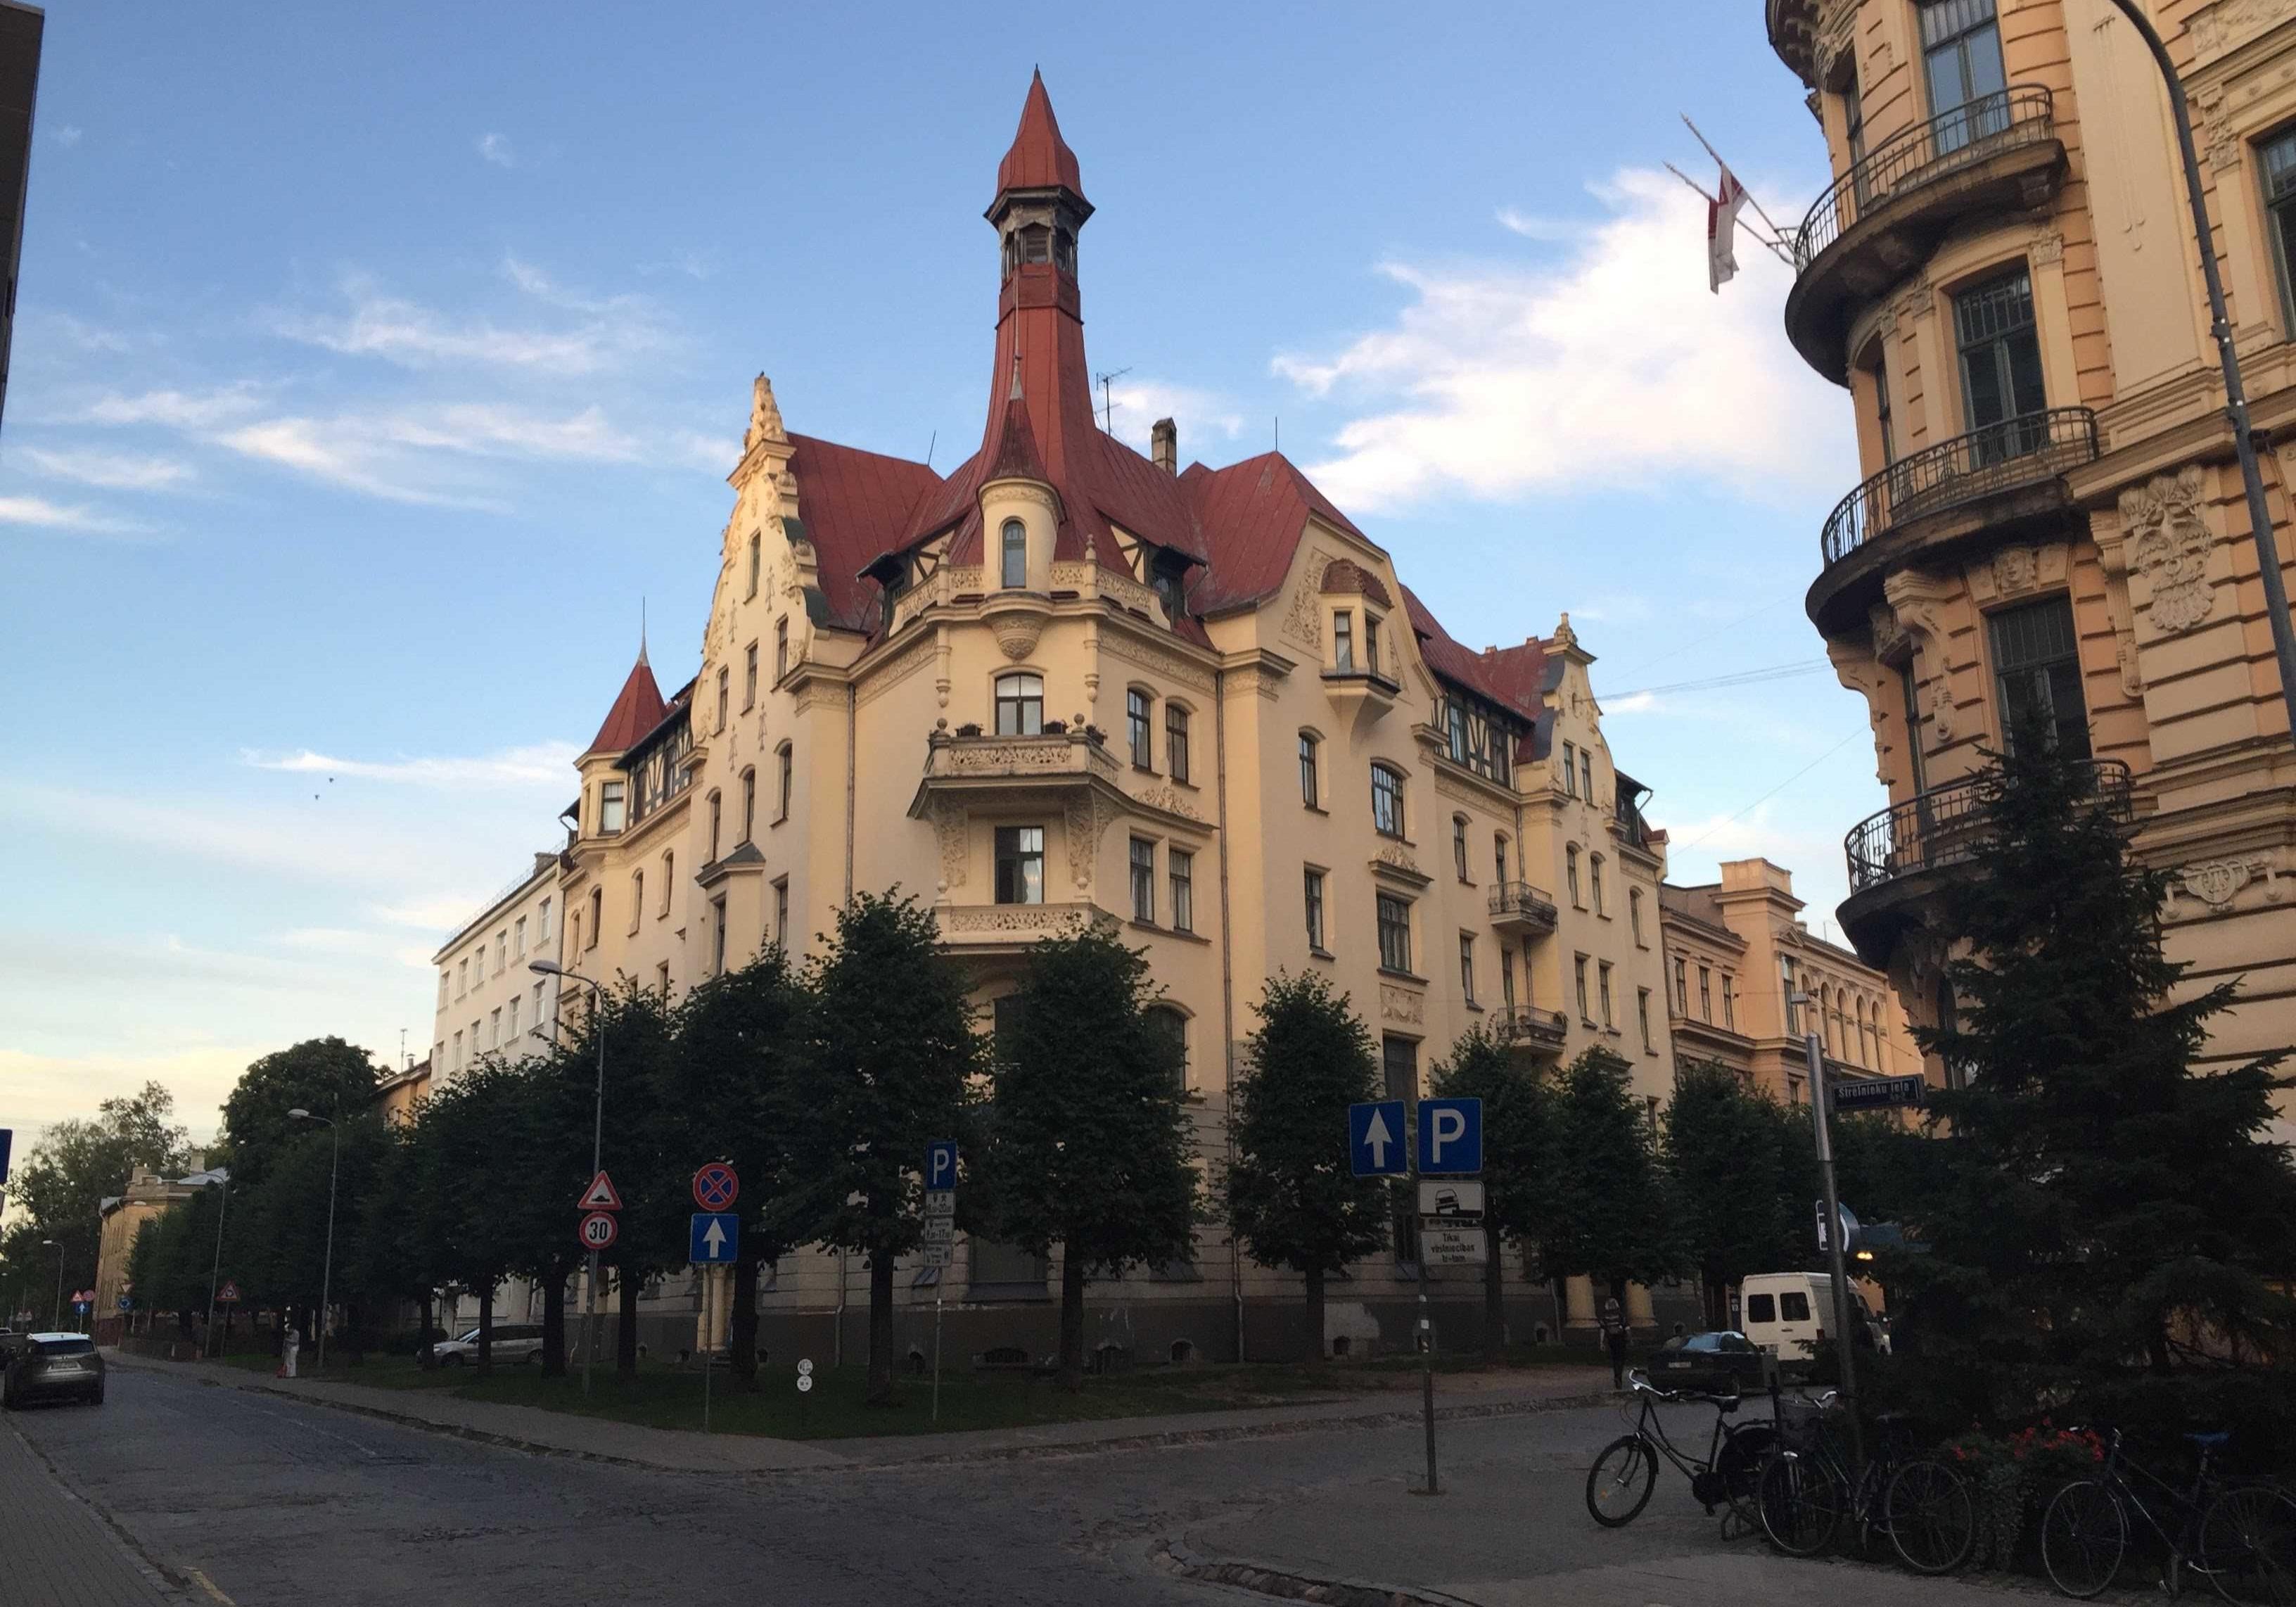 Ekskluzīvas ēkas Rīgas klusajā centrā ar lielisku novietojumu.